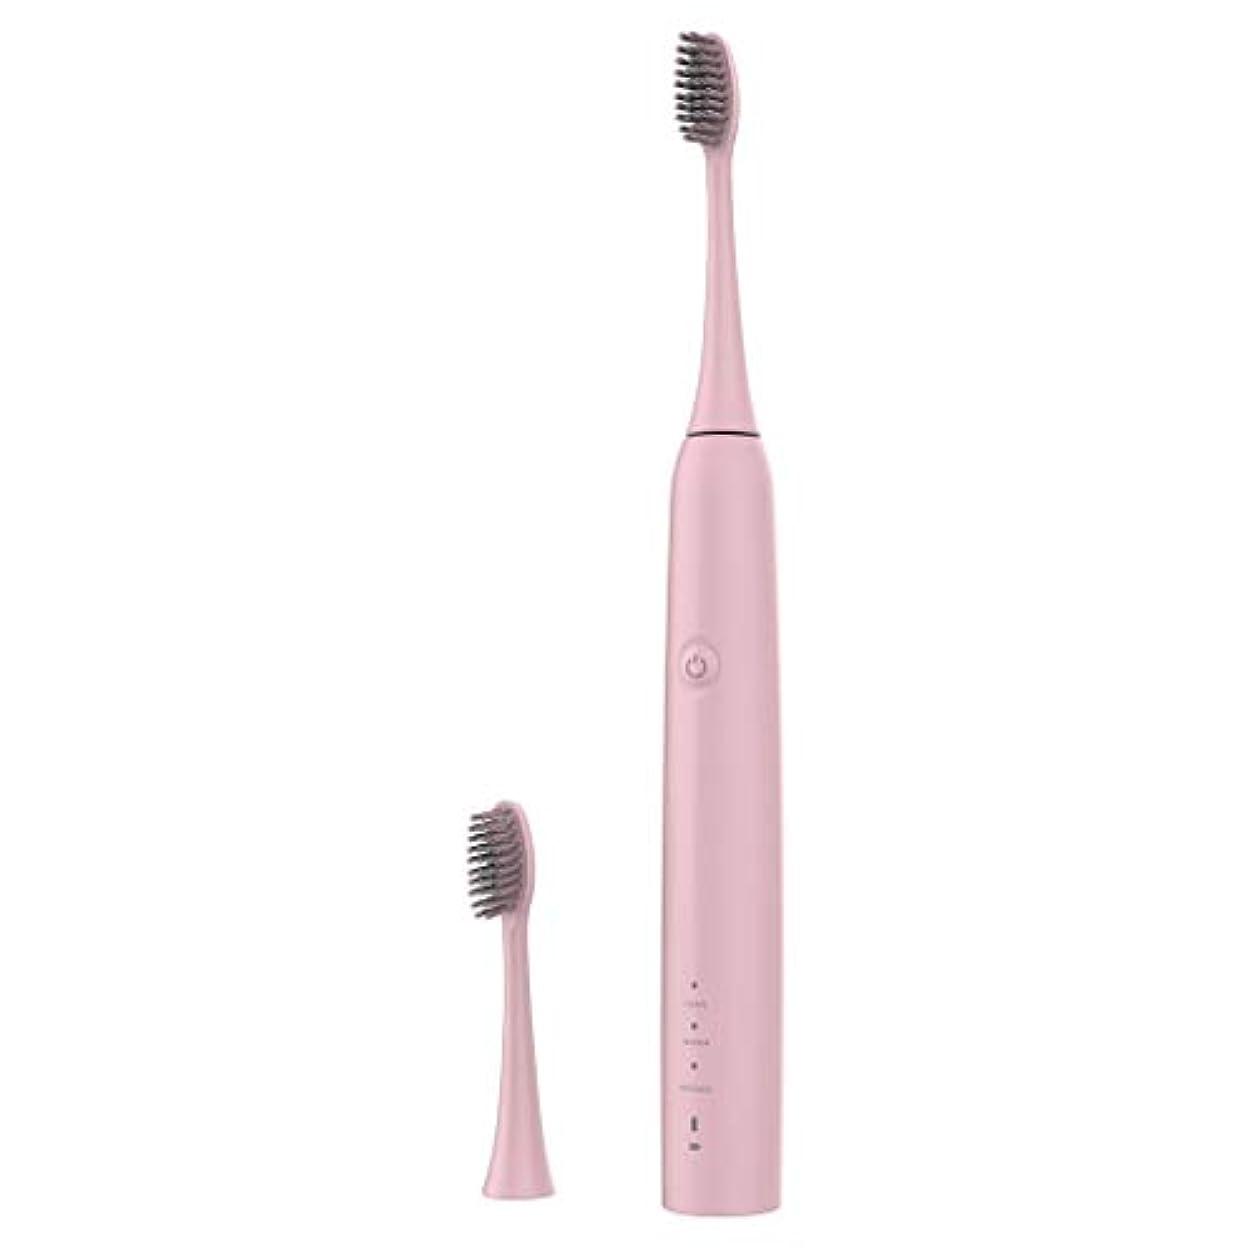 ドナウ川粘液あいまいさLazayyii 新しいT2P電動歯ブラシ 携帯用 口腔衛生 電気マッサージ 口腔ケア (ピンク)